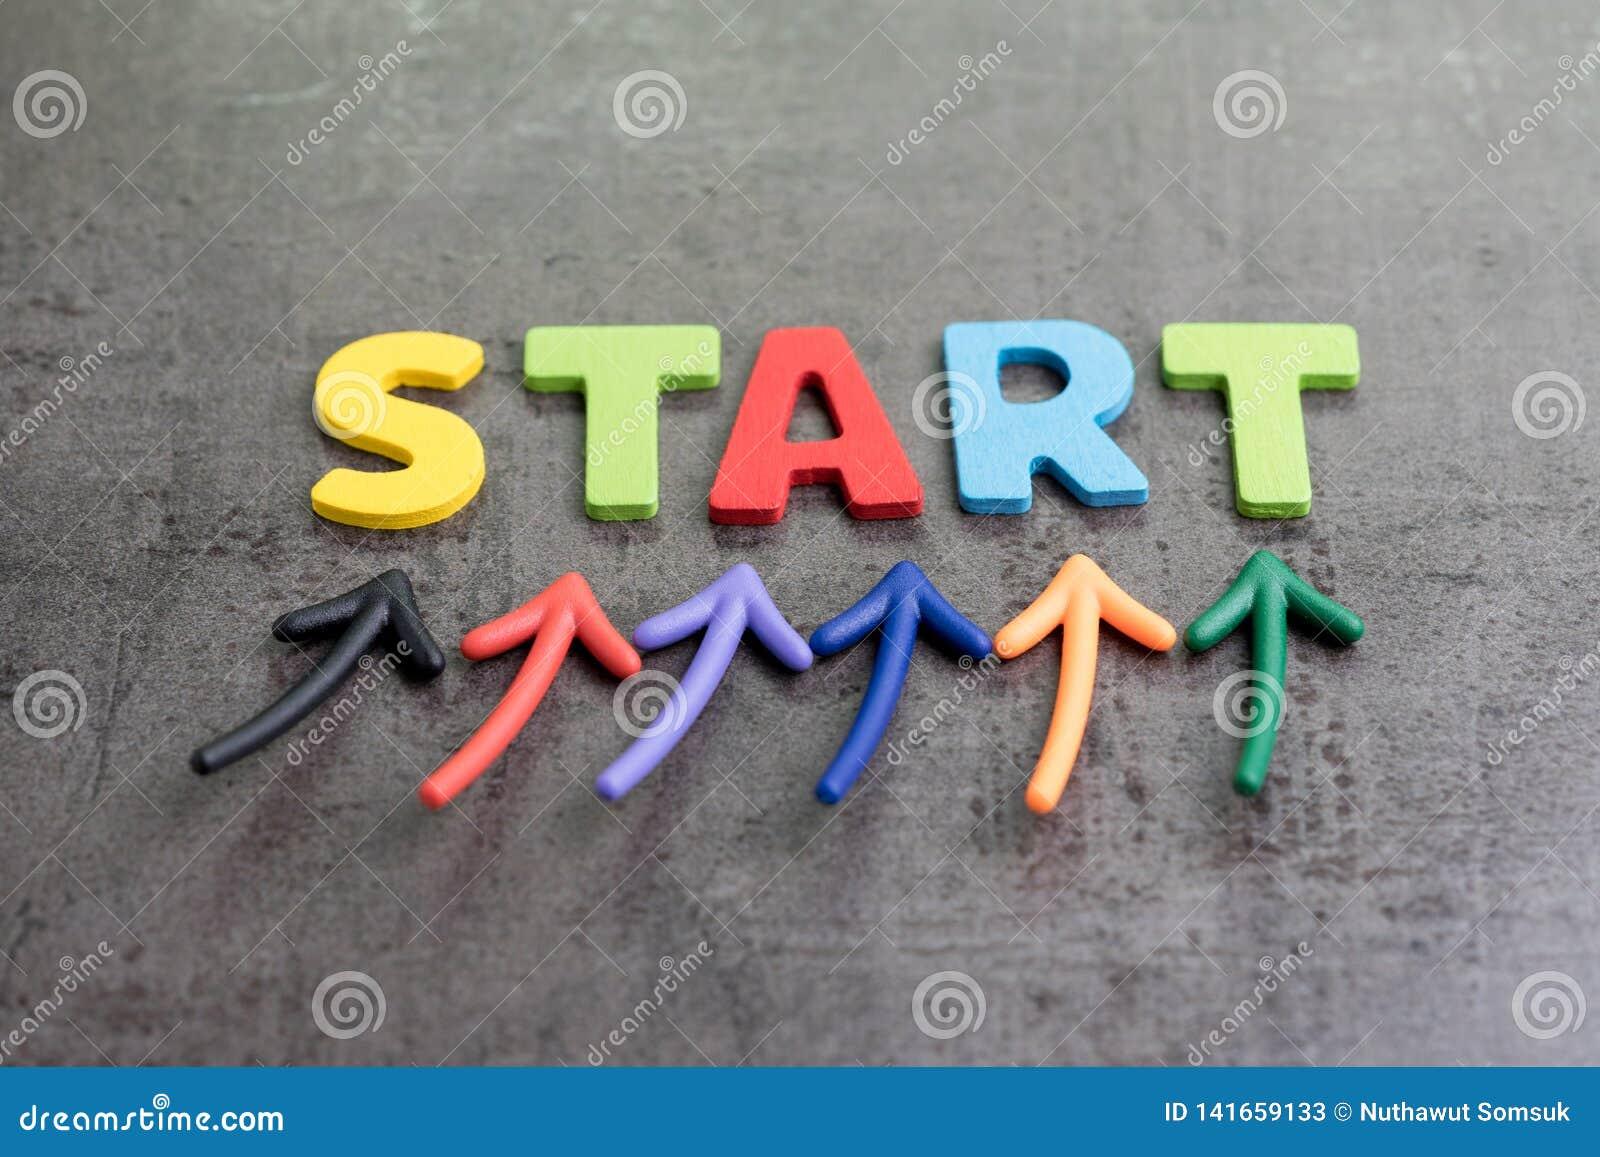 企业开始开始旅途概念,五颜六色的箭头指向由在黑板水泥墙壁上的词开始决定强调